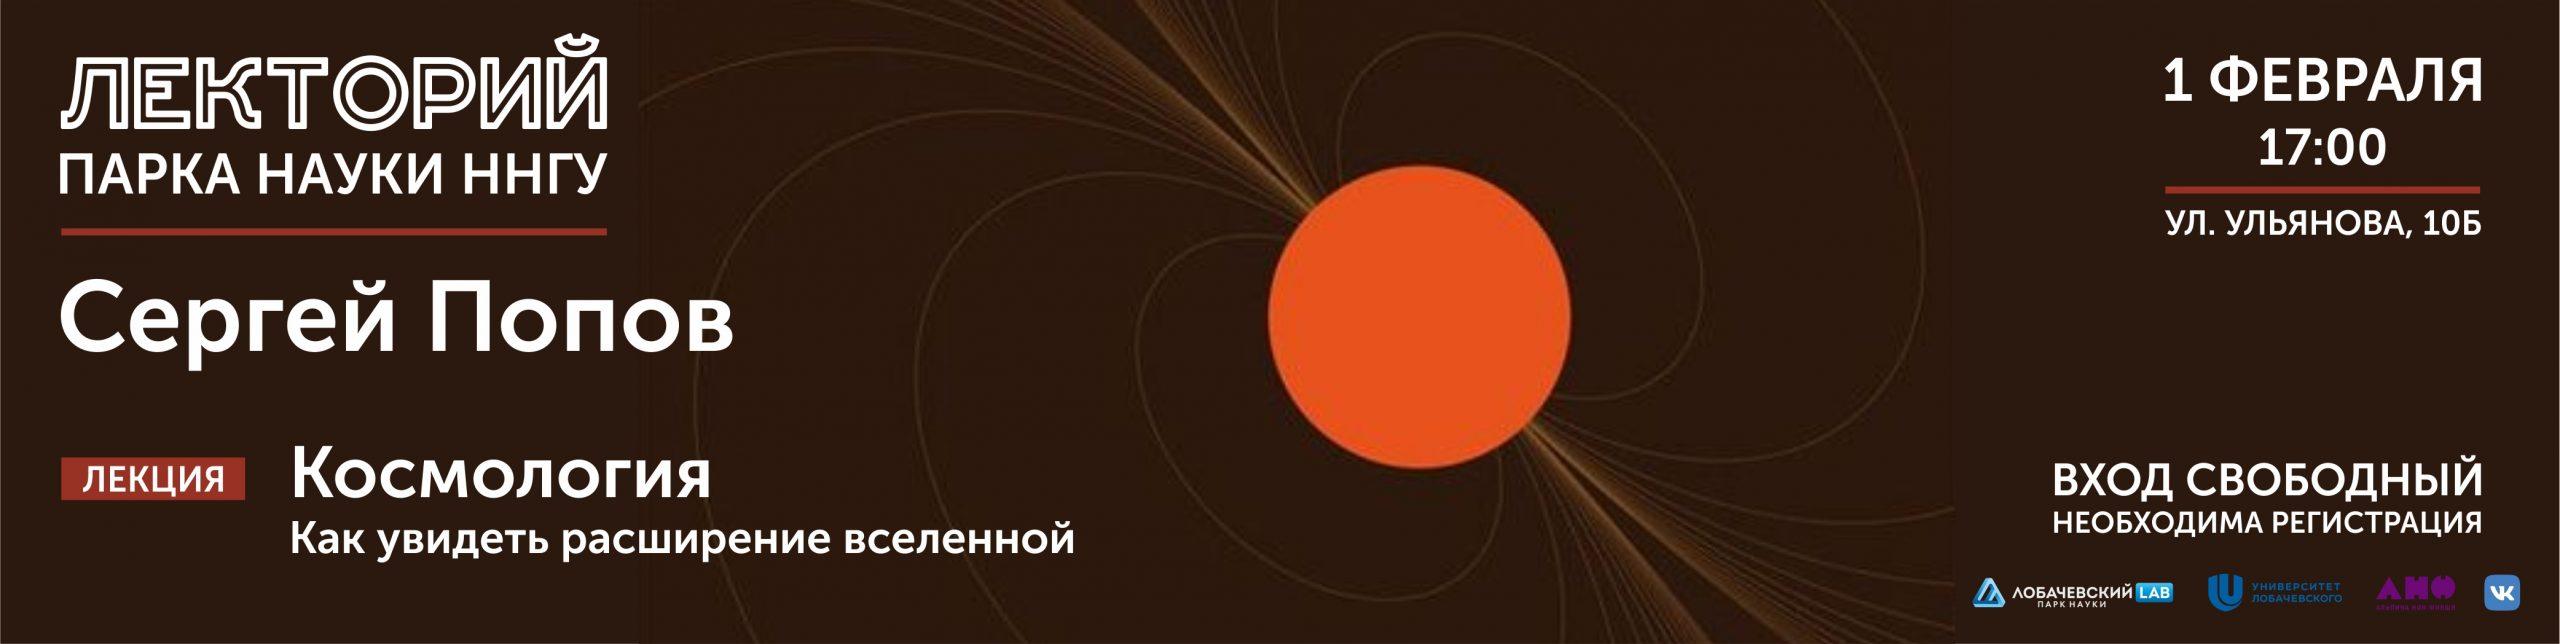 Лекция Сергея Попова «Расширение вселенной»